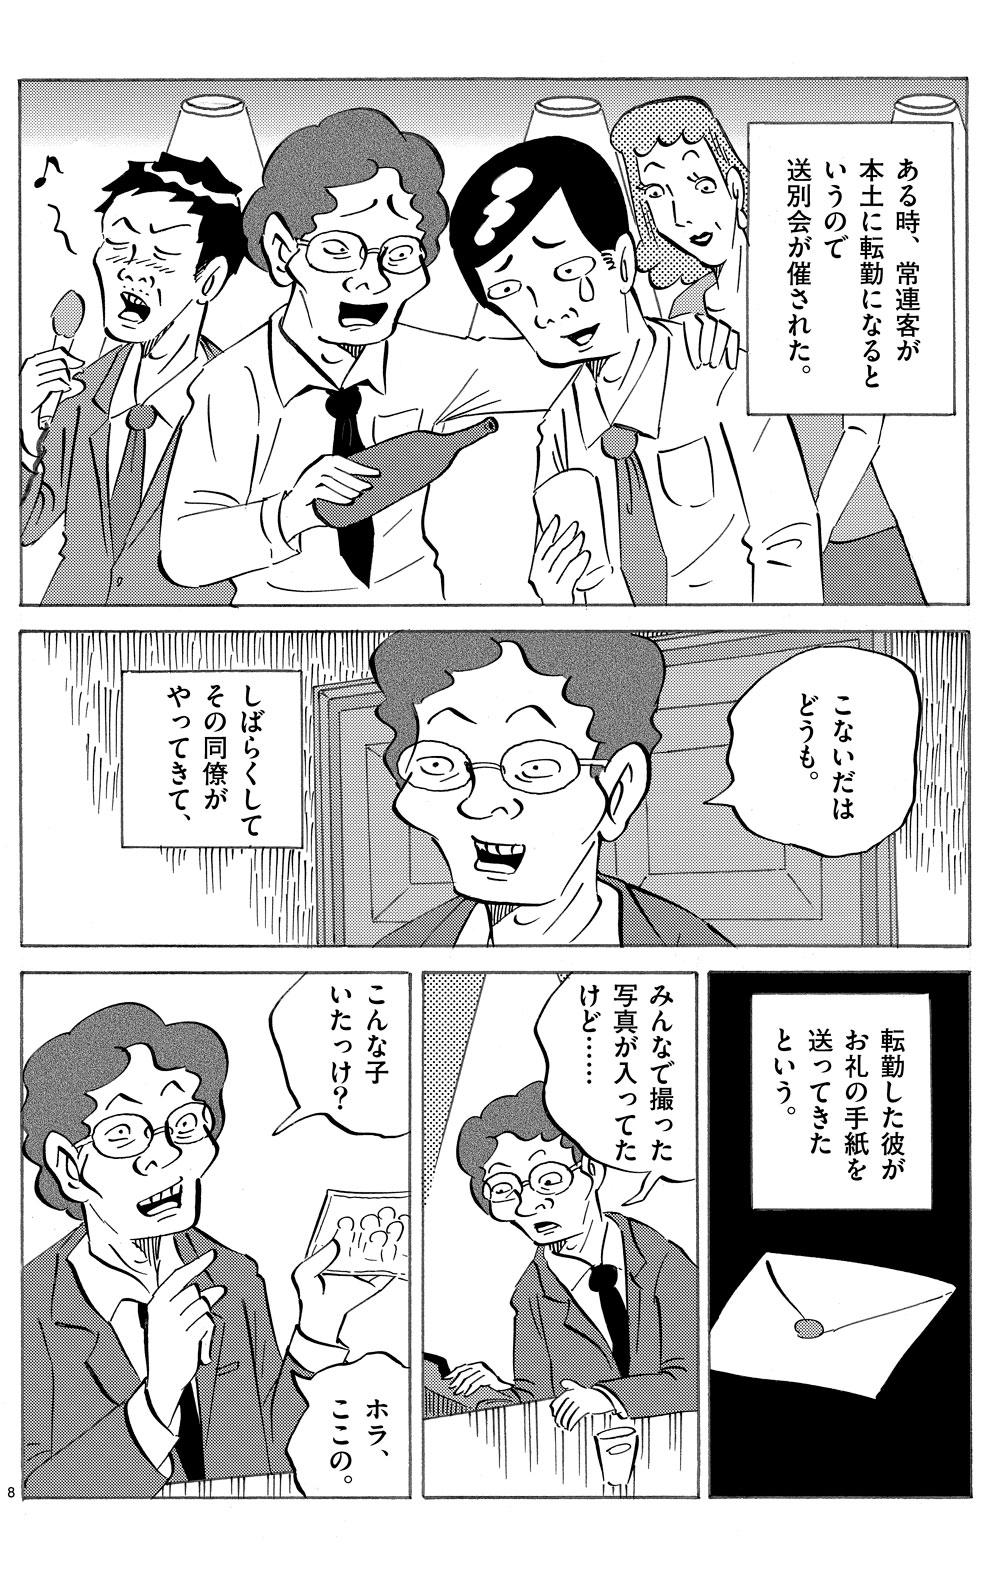 琉球怪談 【第4話】WEB掲載8ページ目画像